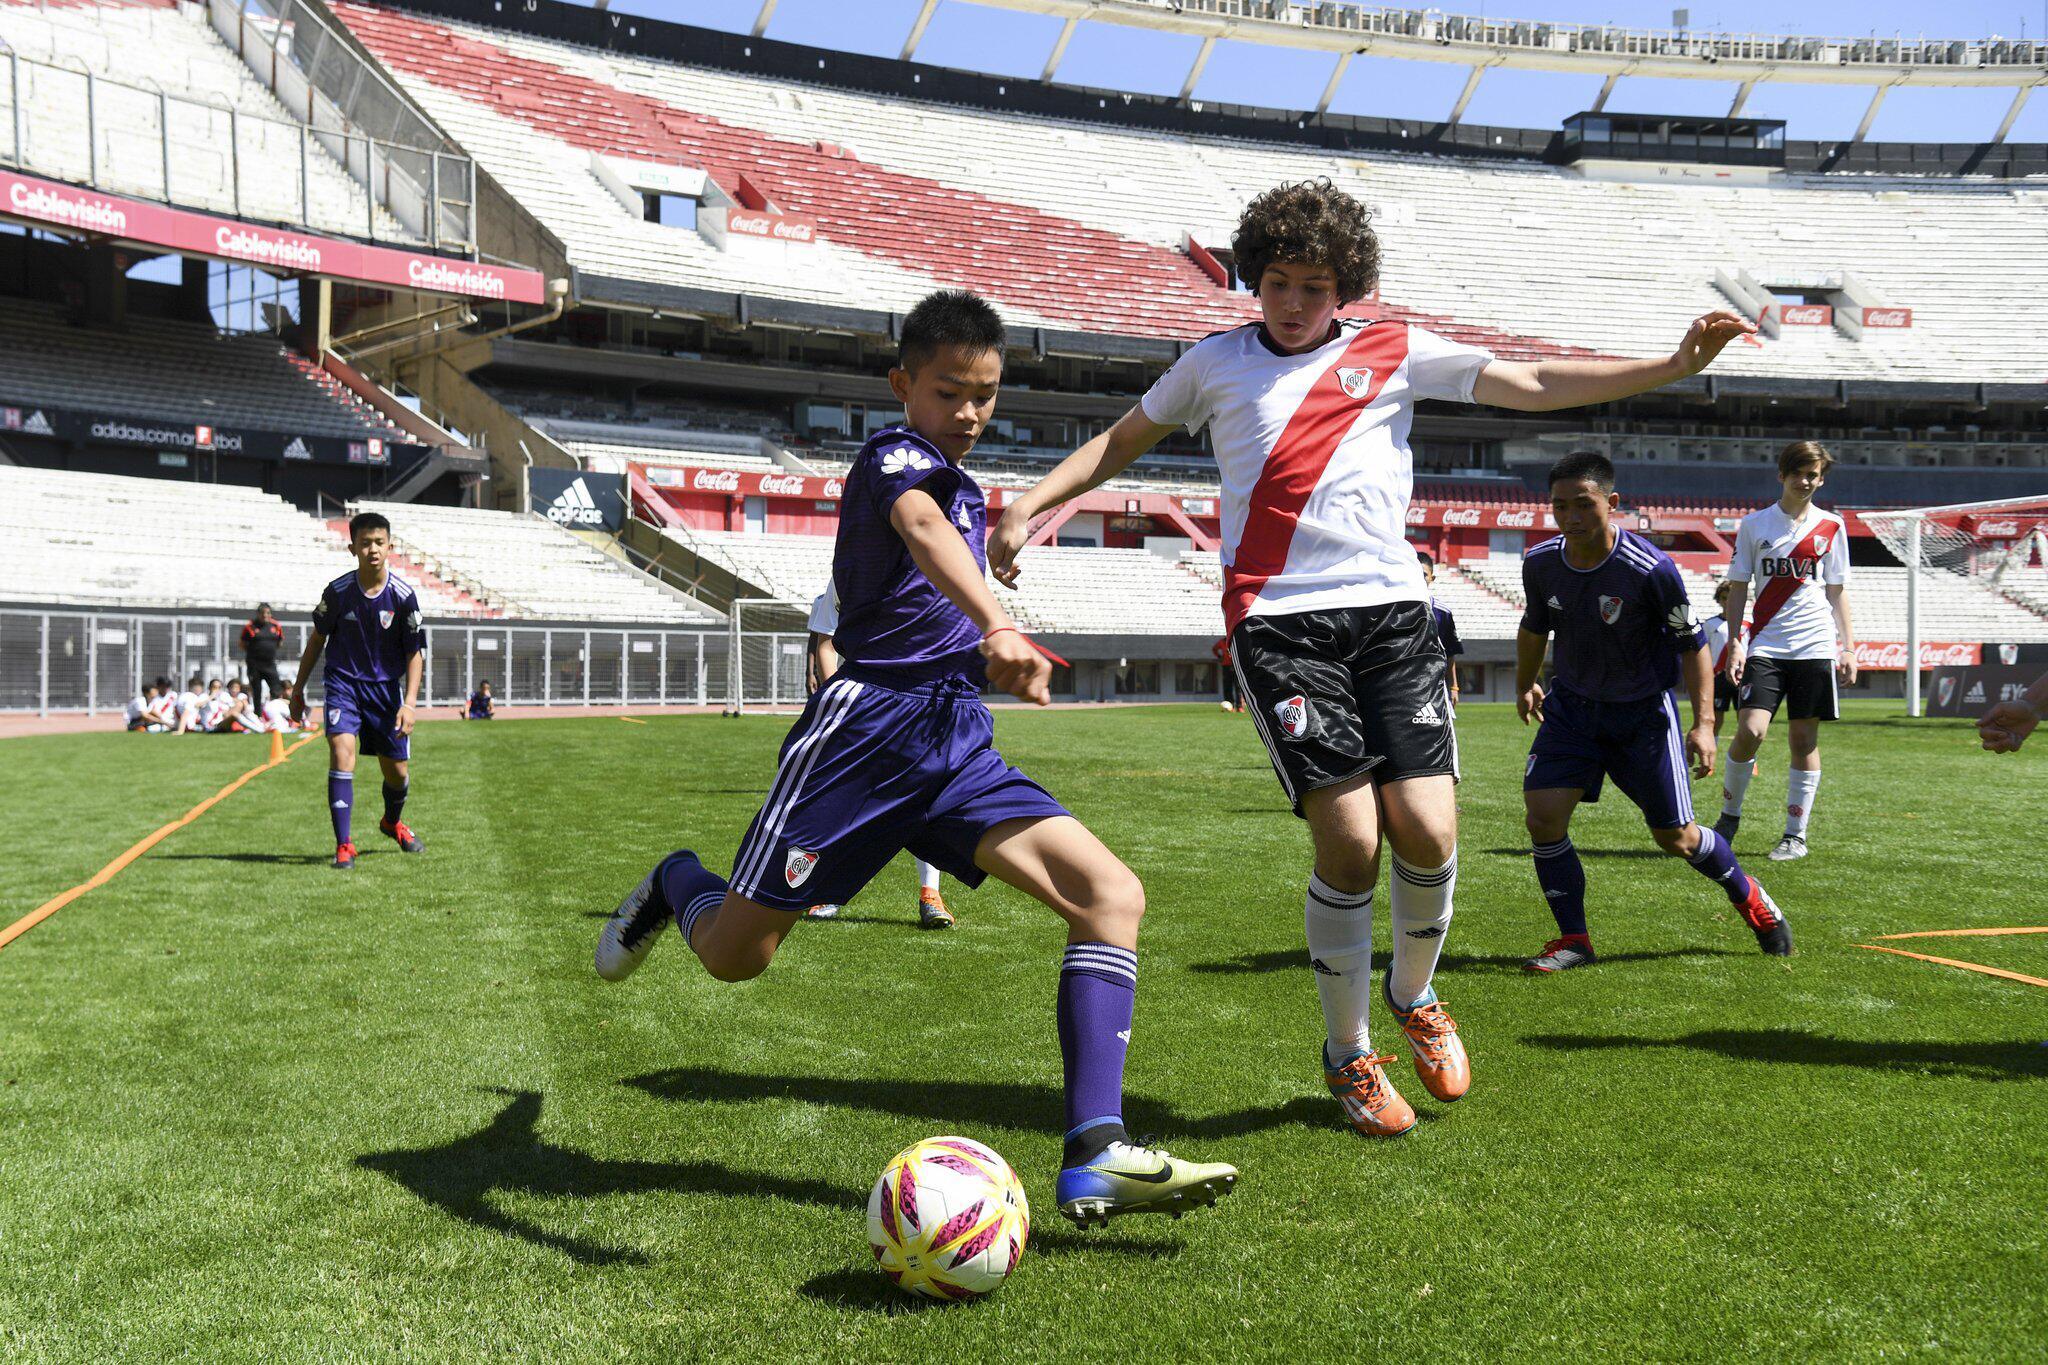 Bild zu Buenos Aires, Olympische Jugendspiele, Wildschweine, Thailand, River Plate, Jugendfussball